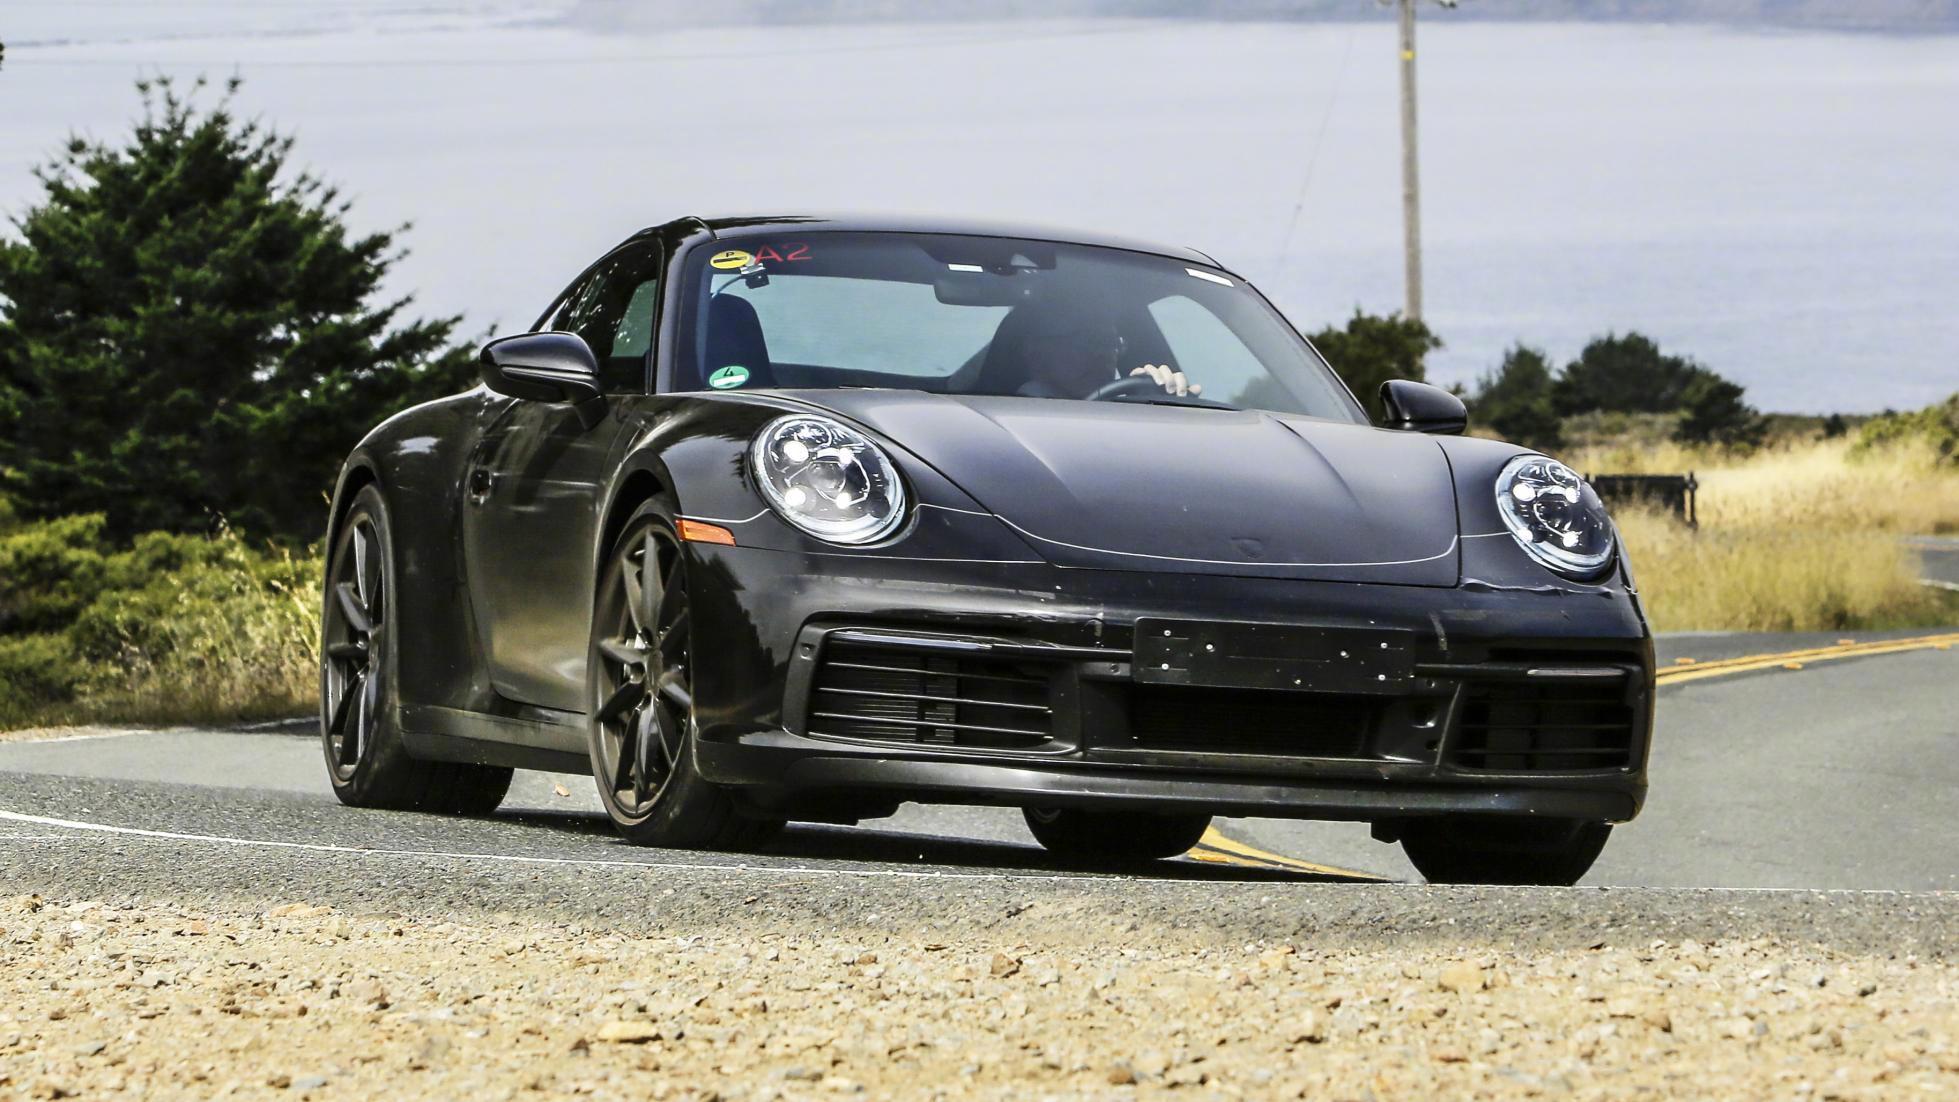 全新保时捷911美国路试 新车会有混动版本出现吗